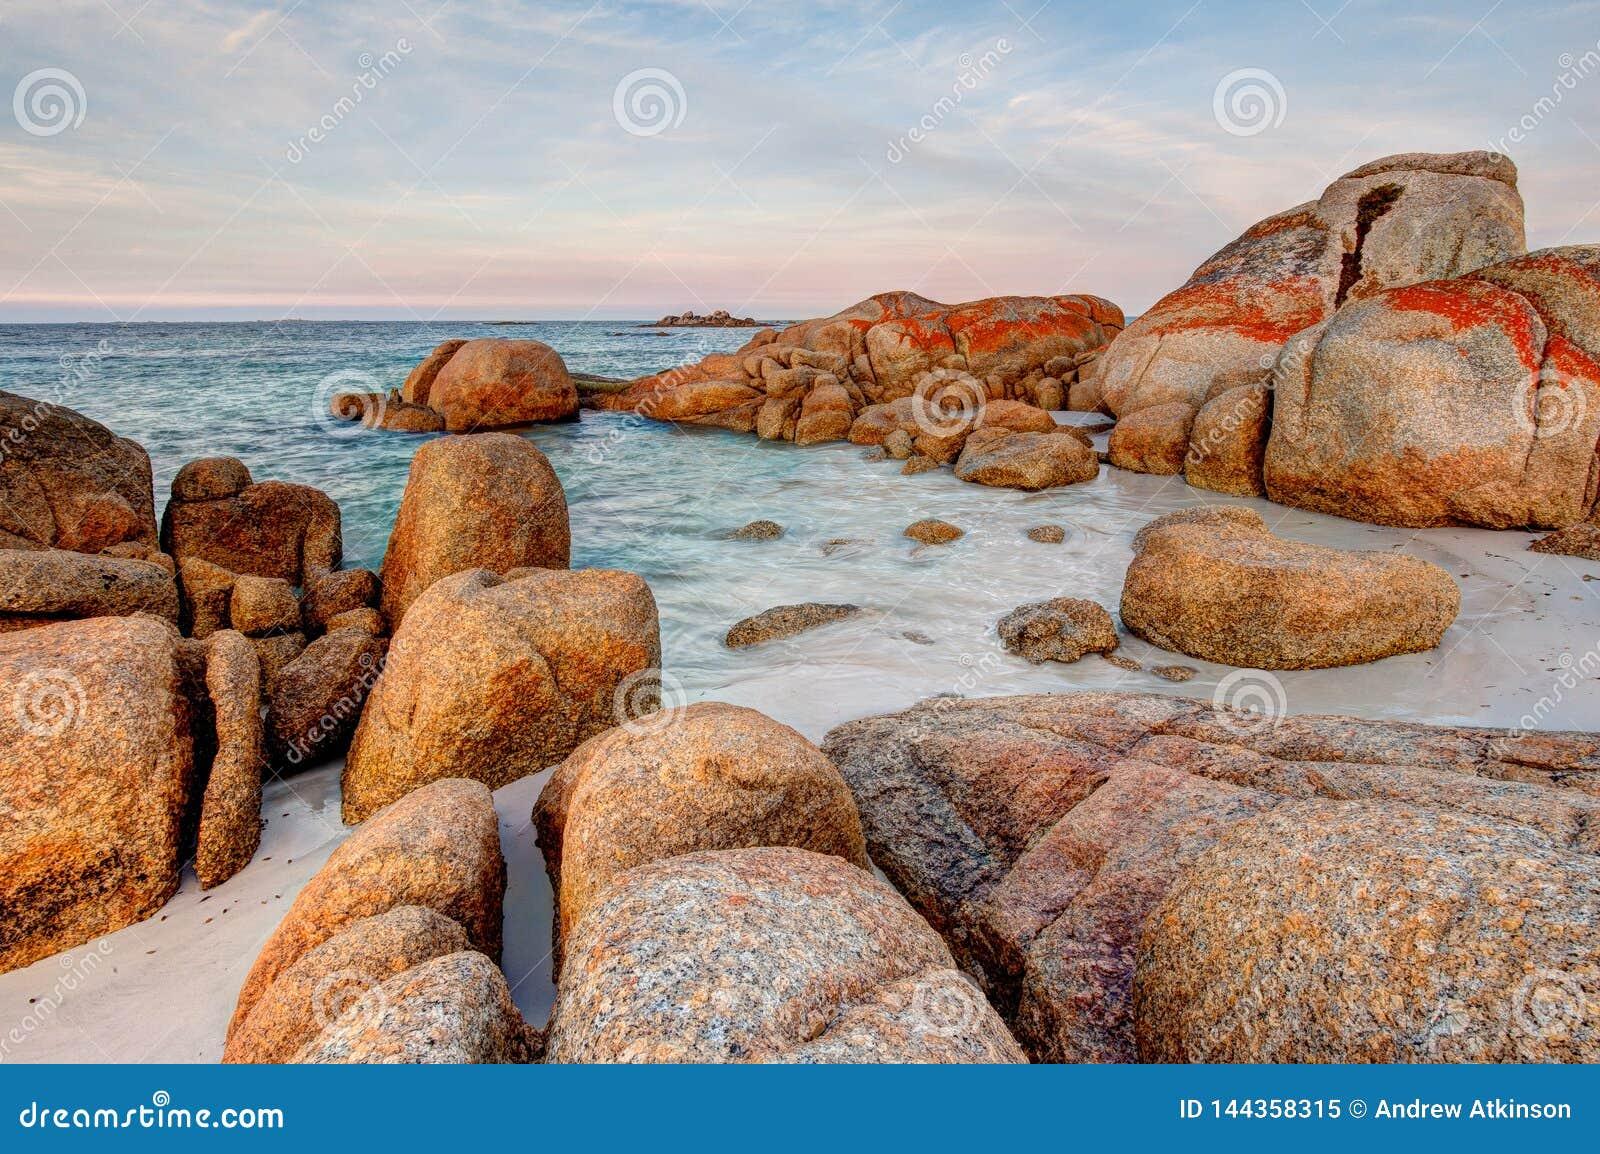 Scène van de reuzekeien van de granietrots die in oranje en rood korstmos bij de Baai van Branden in Tasmanige, Australië worden